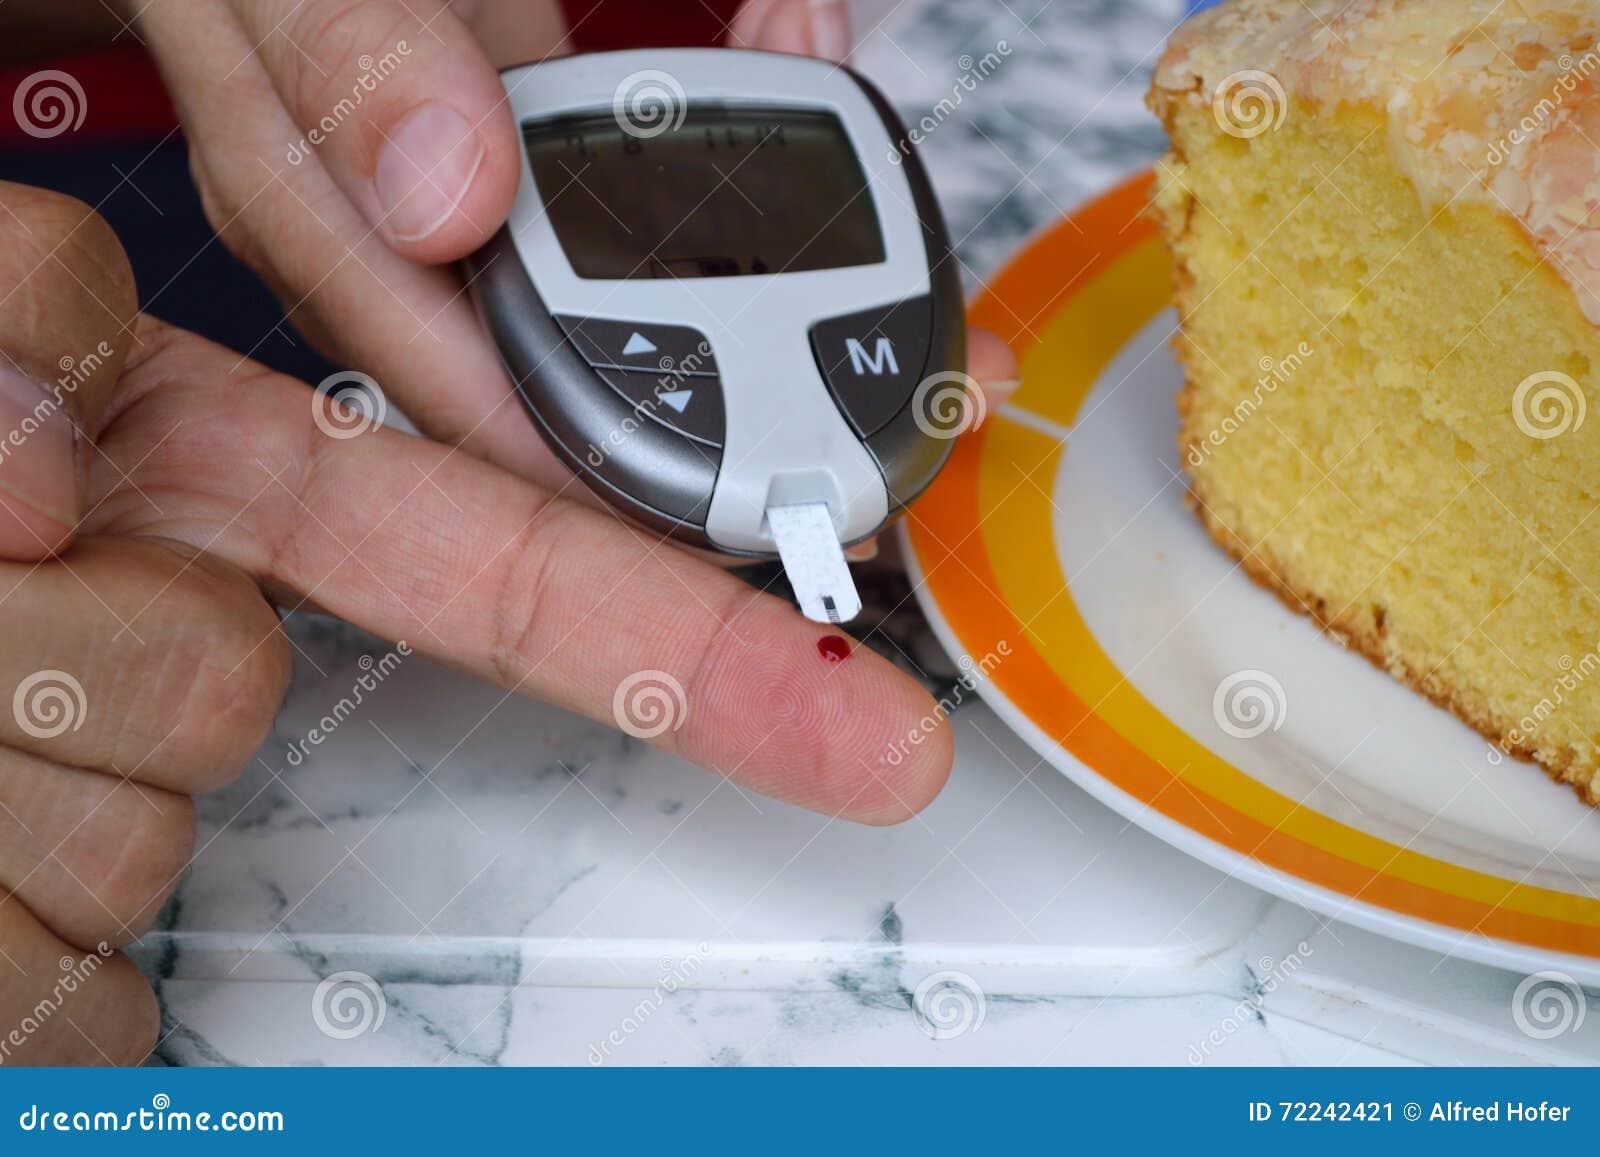 Des niveaux de glucose sanguin sont mesurés